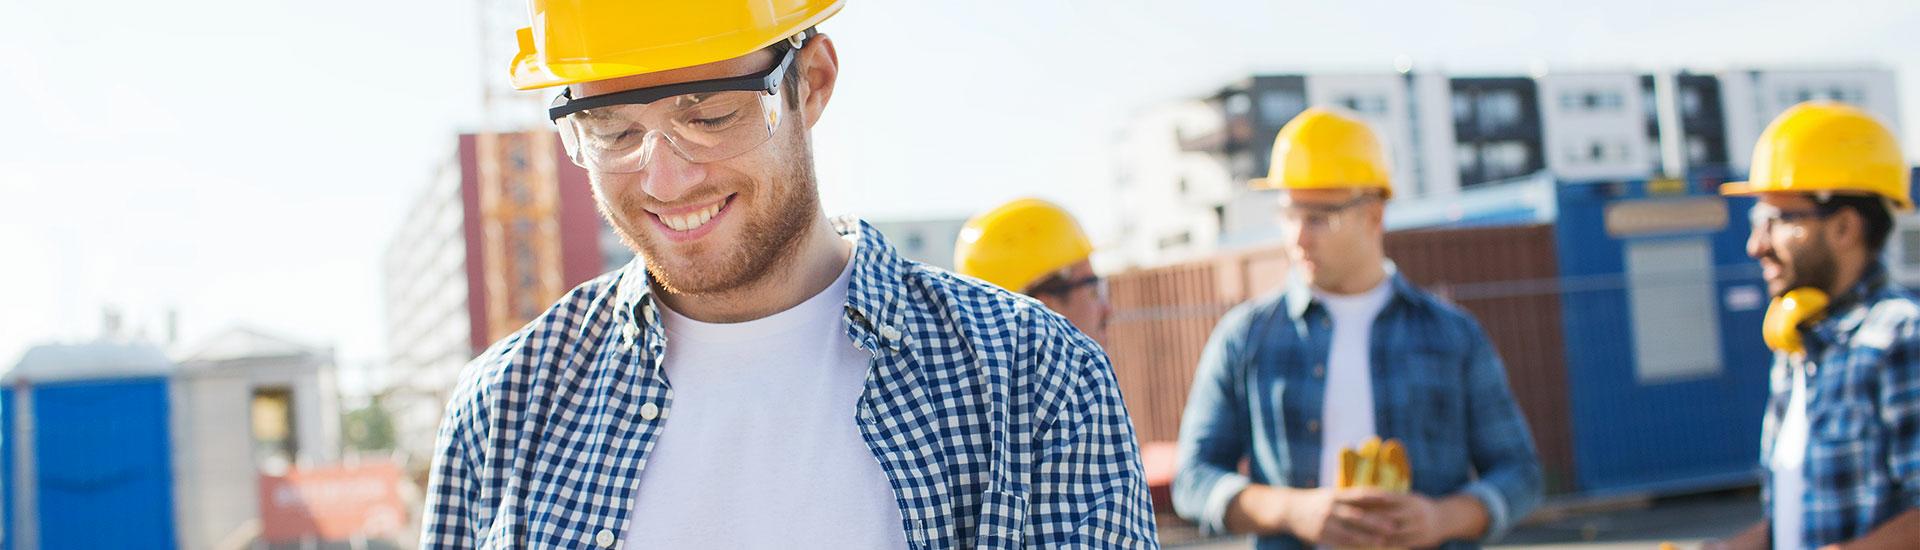 Mann auf der Baustelle mit Tablet